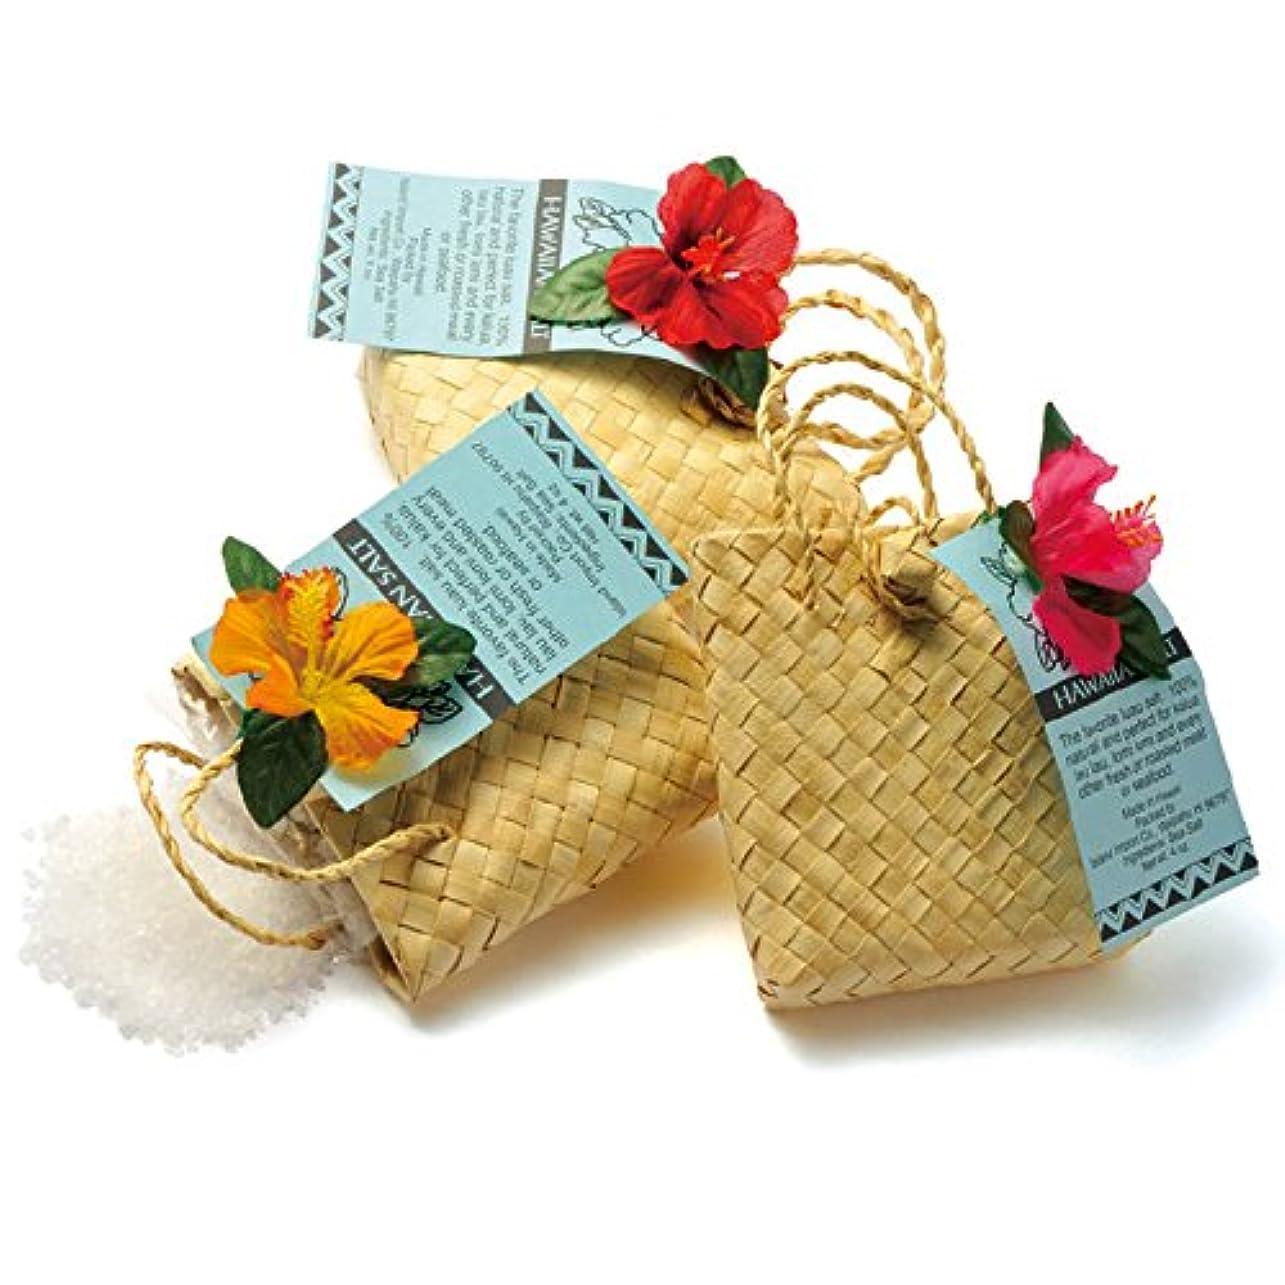 差トピック接続されたハワイ 土産 ハワイ ソルトバッグ入り 3袋セット (海外旅行 ハワイ お土産)